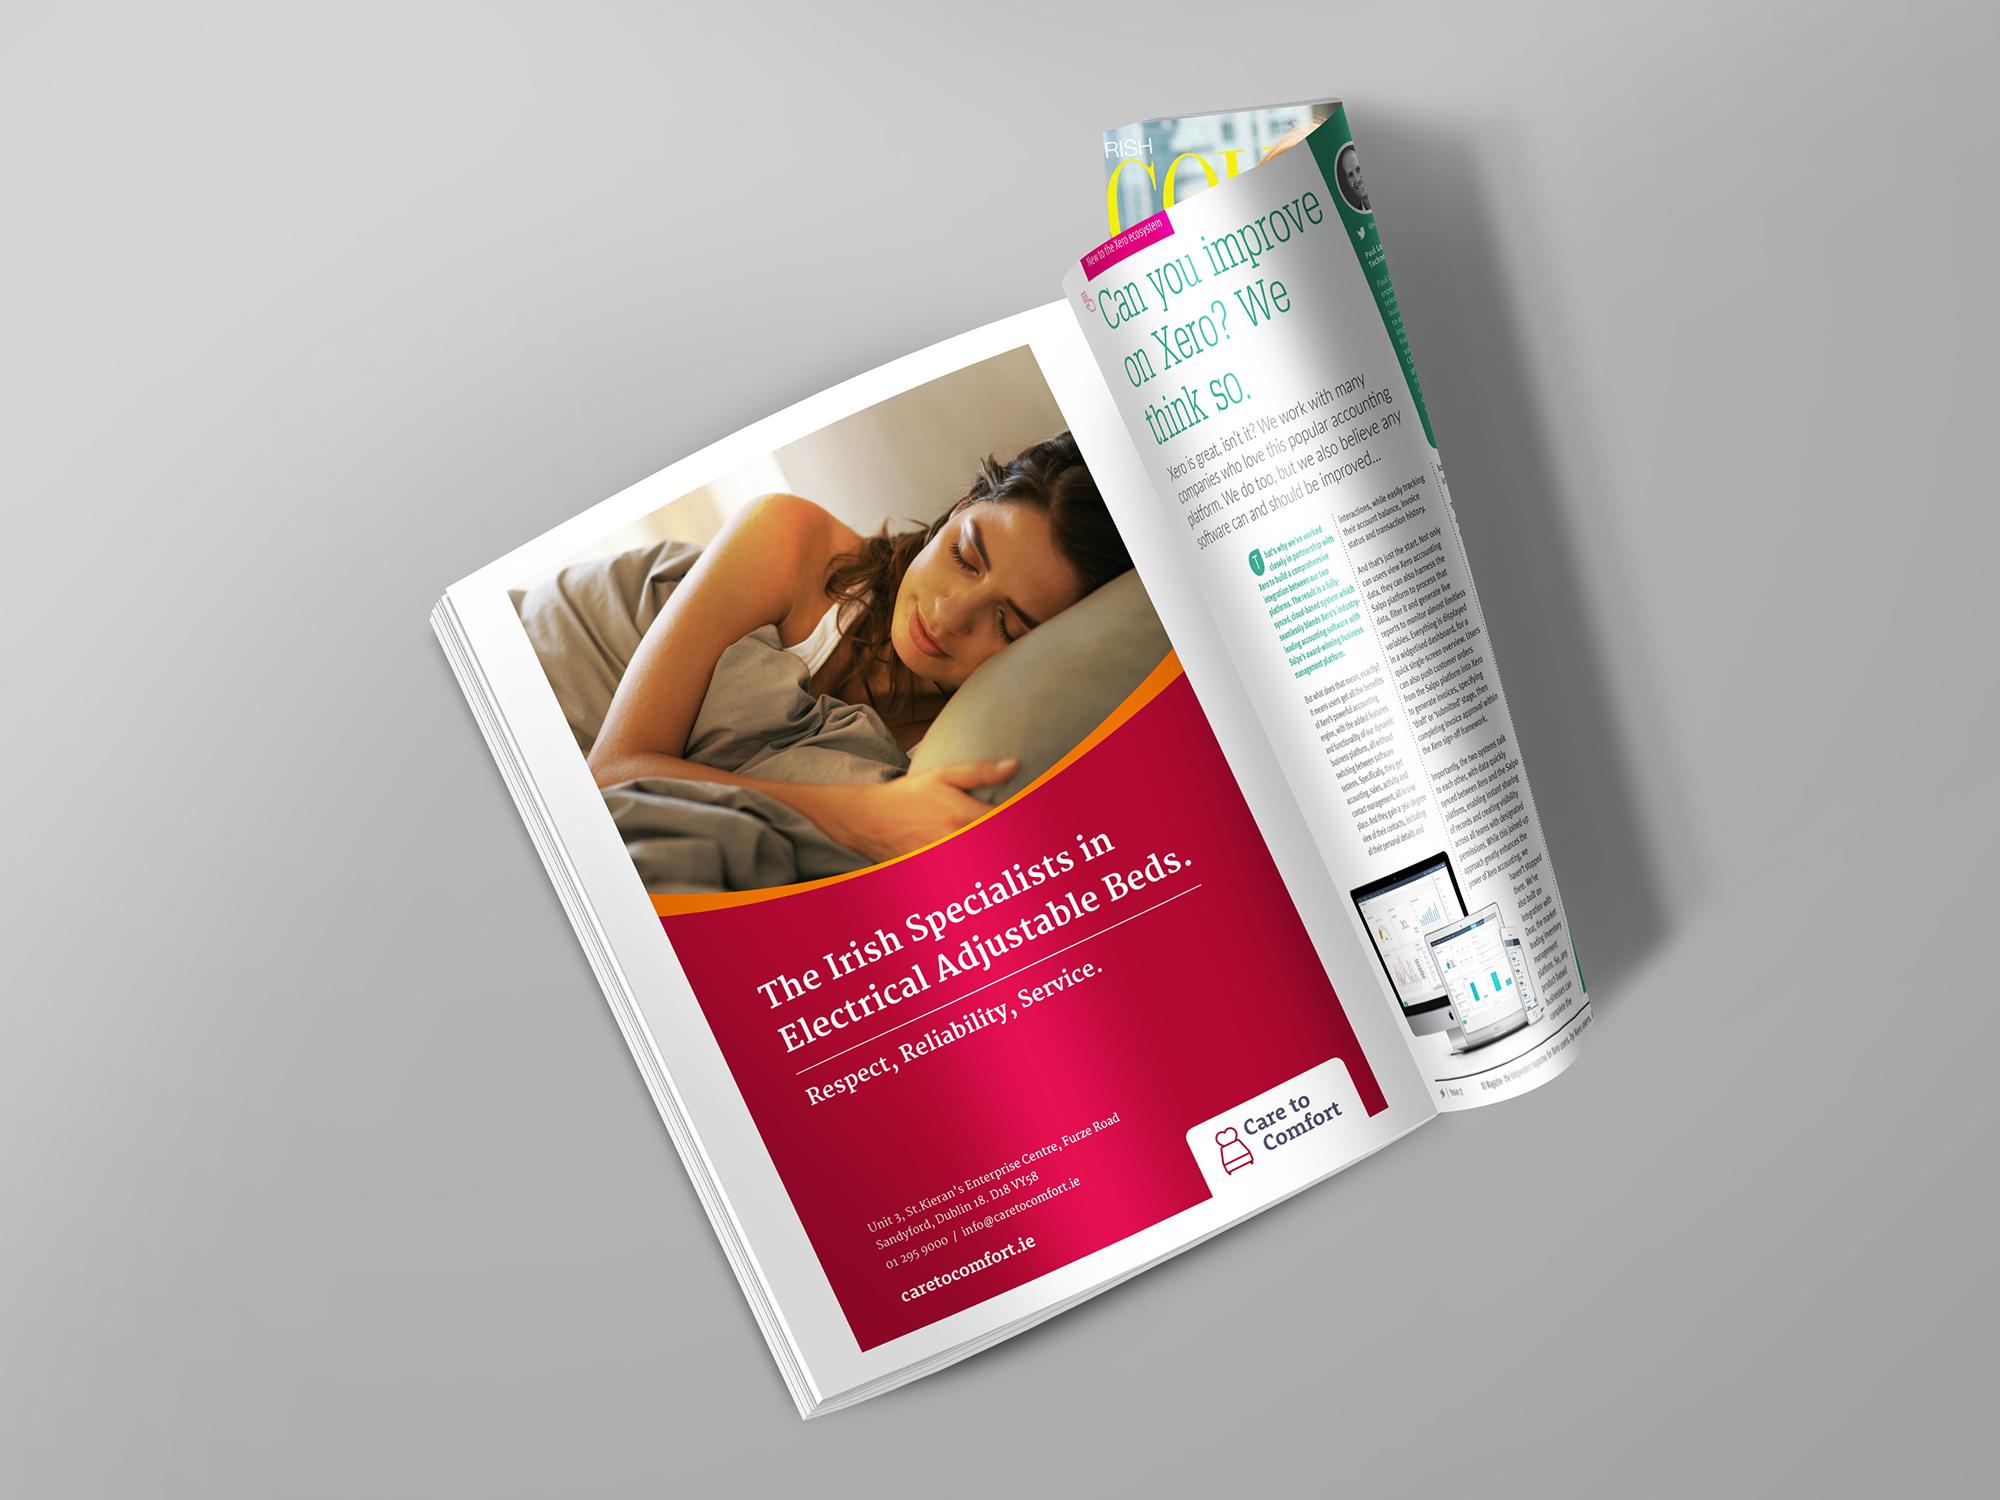 Care-To-comfort_Magazine-Mockup_2000.jpg